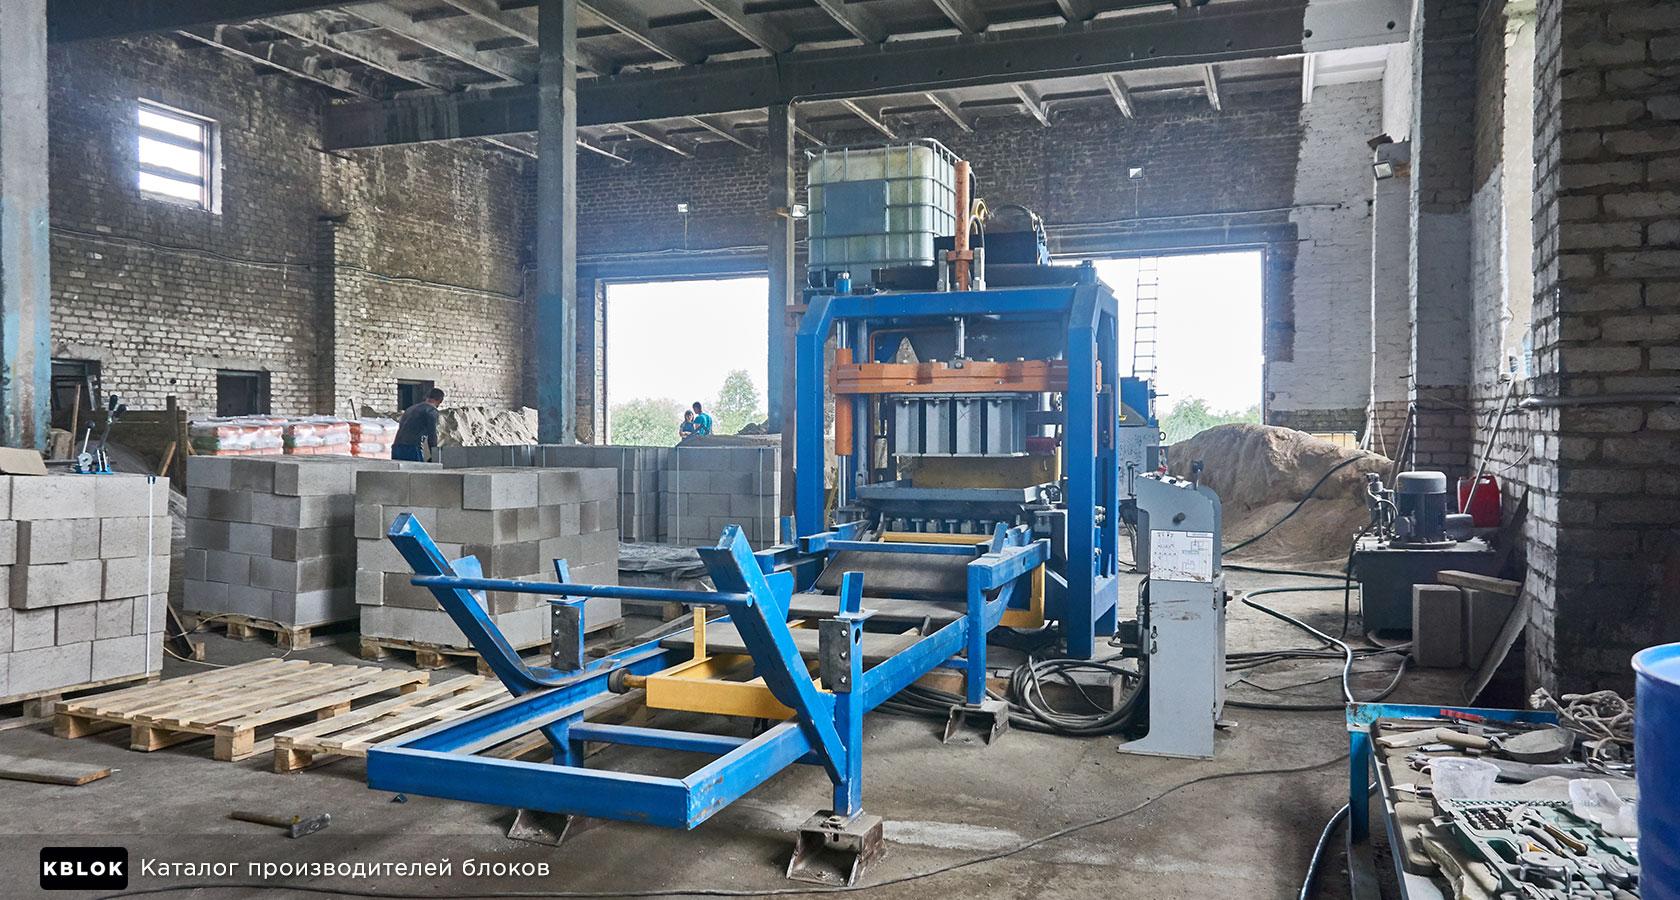 Керамзитобетон блоки производство купить пигменты для бетона оптом